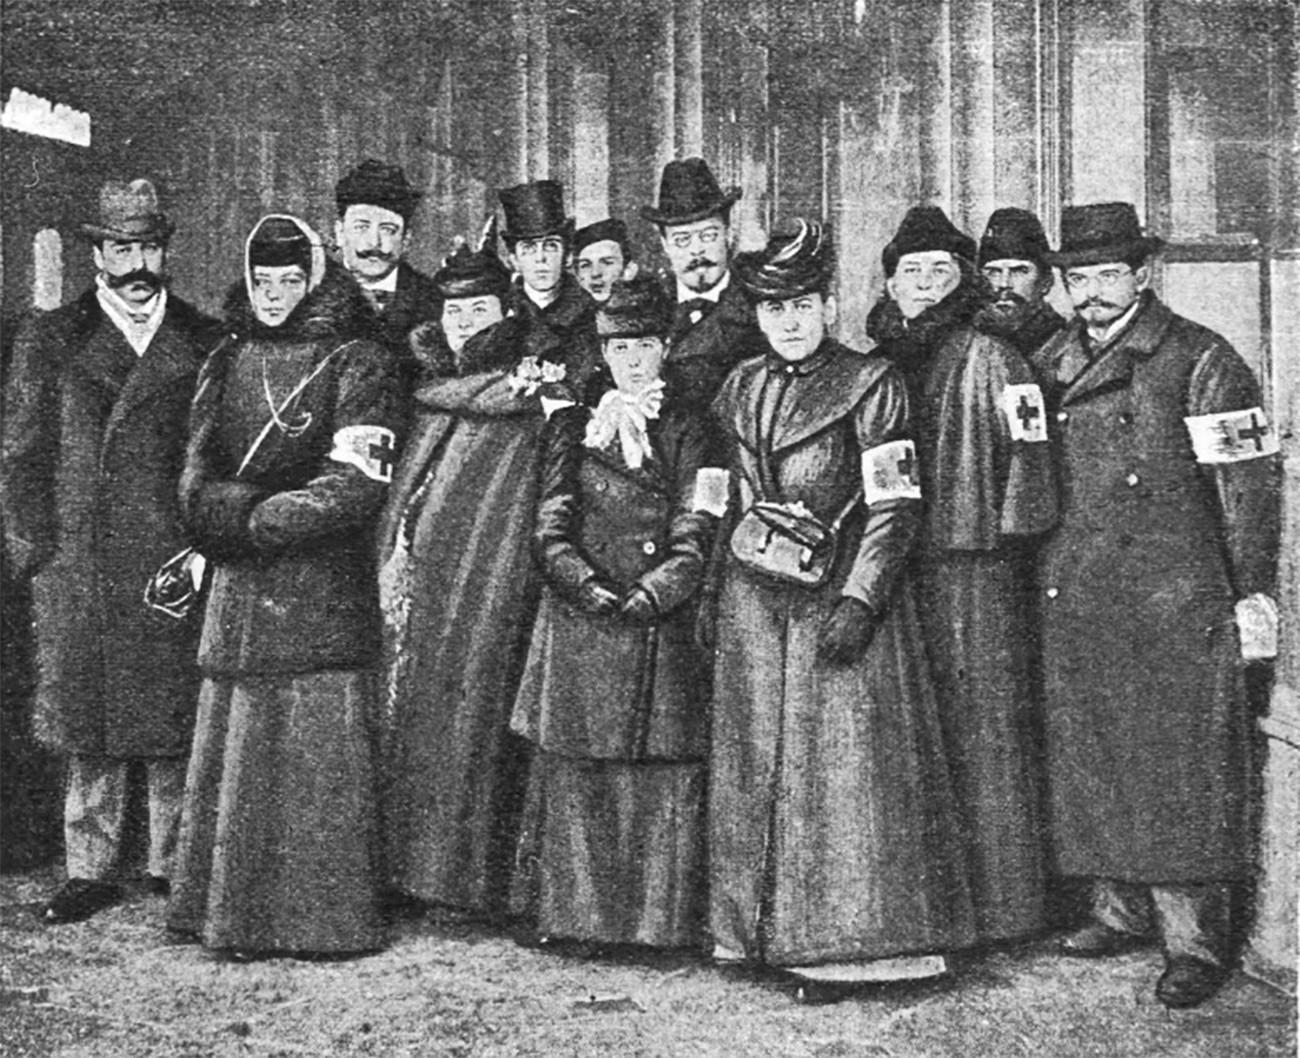 Rusko-nizozemski sanitarni odred krenuo je iz Peterburga u pomoć Burima. Varšavski željeznički kolodvor 1899.